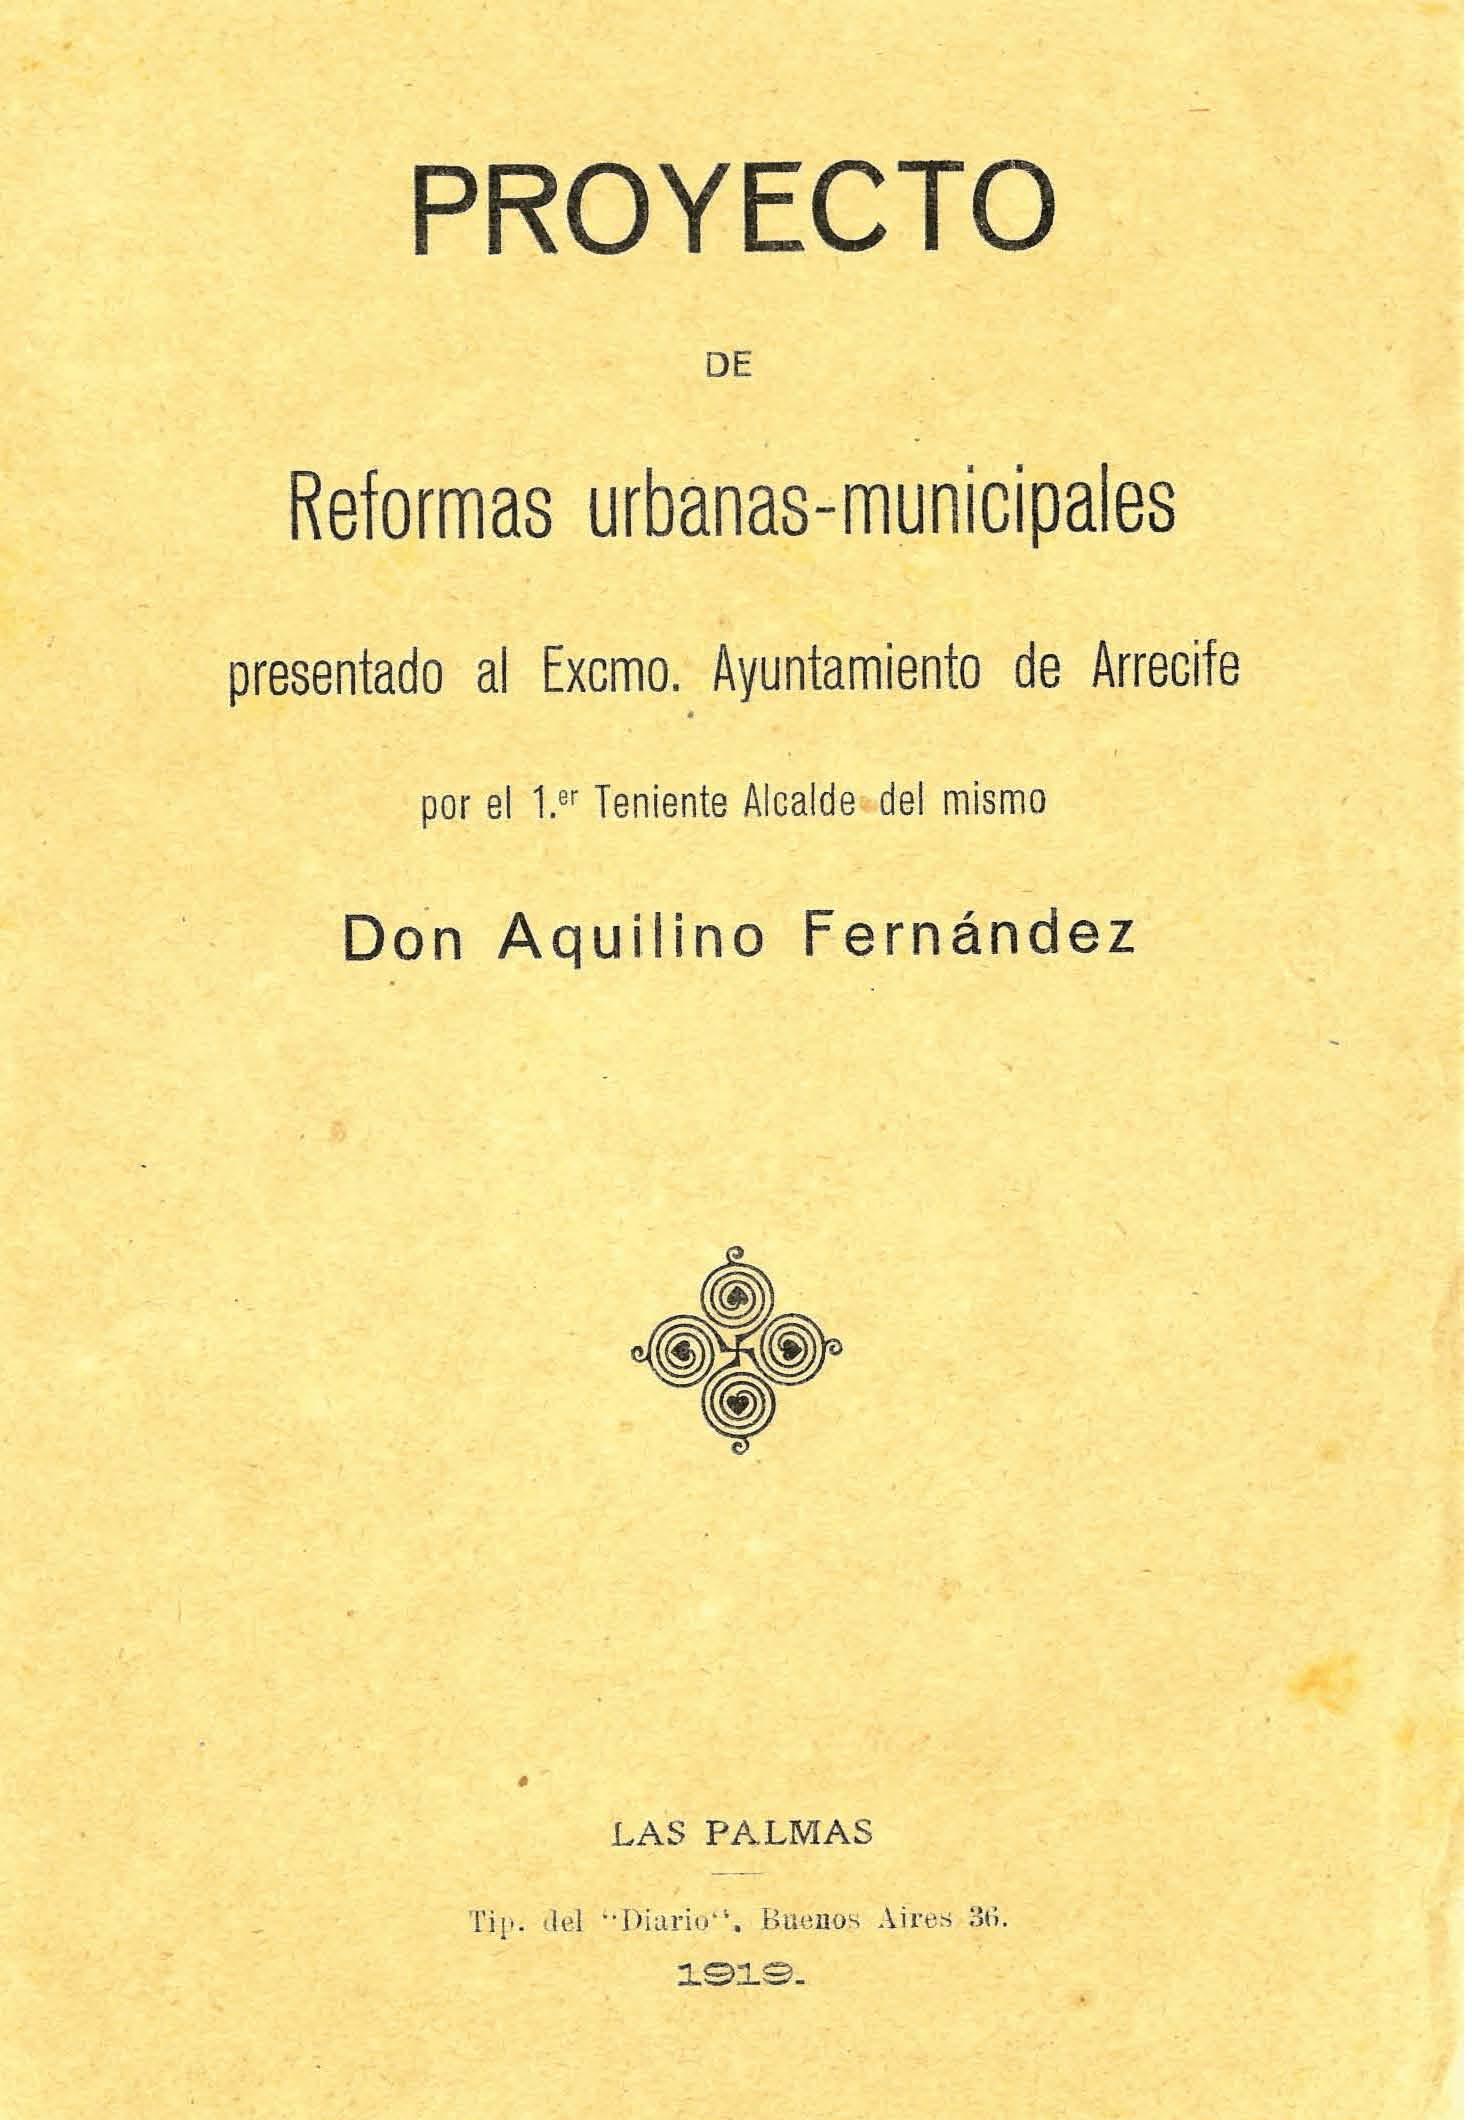 Proyecto de reformas urbanas-municipales